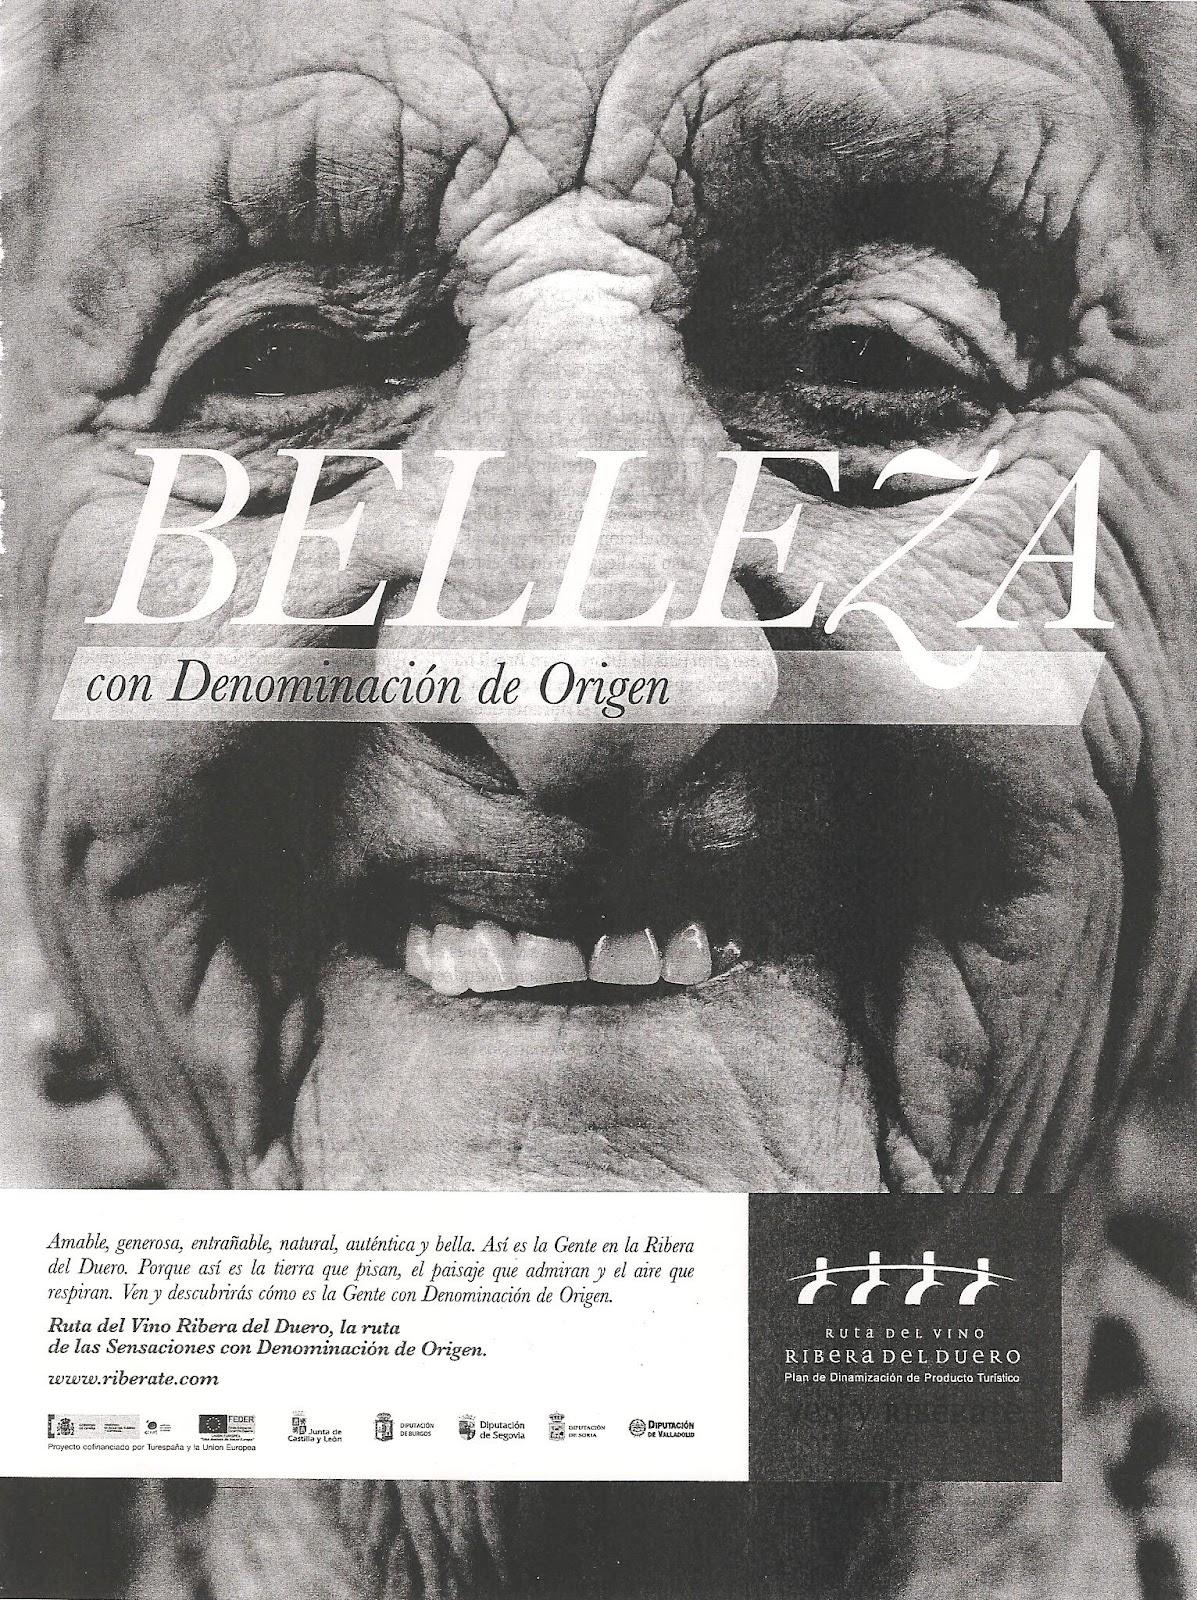 Literatura y publicidad octubre 2012 for Significado de la palabra divan